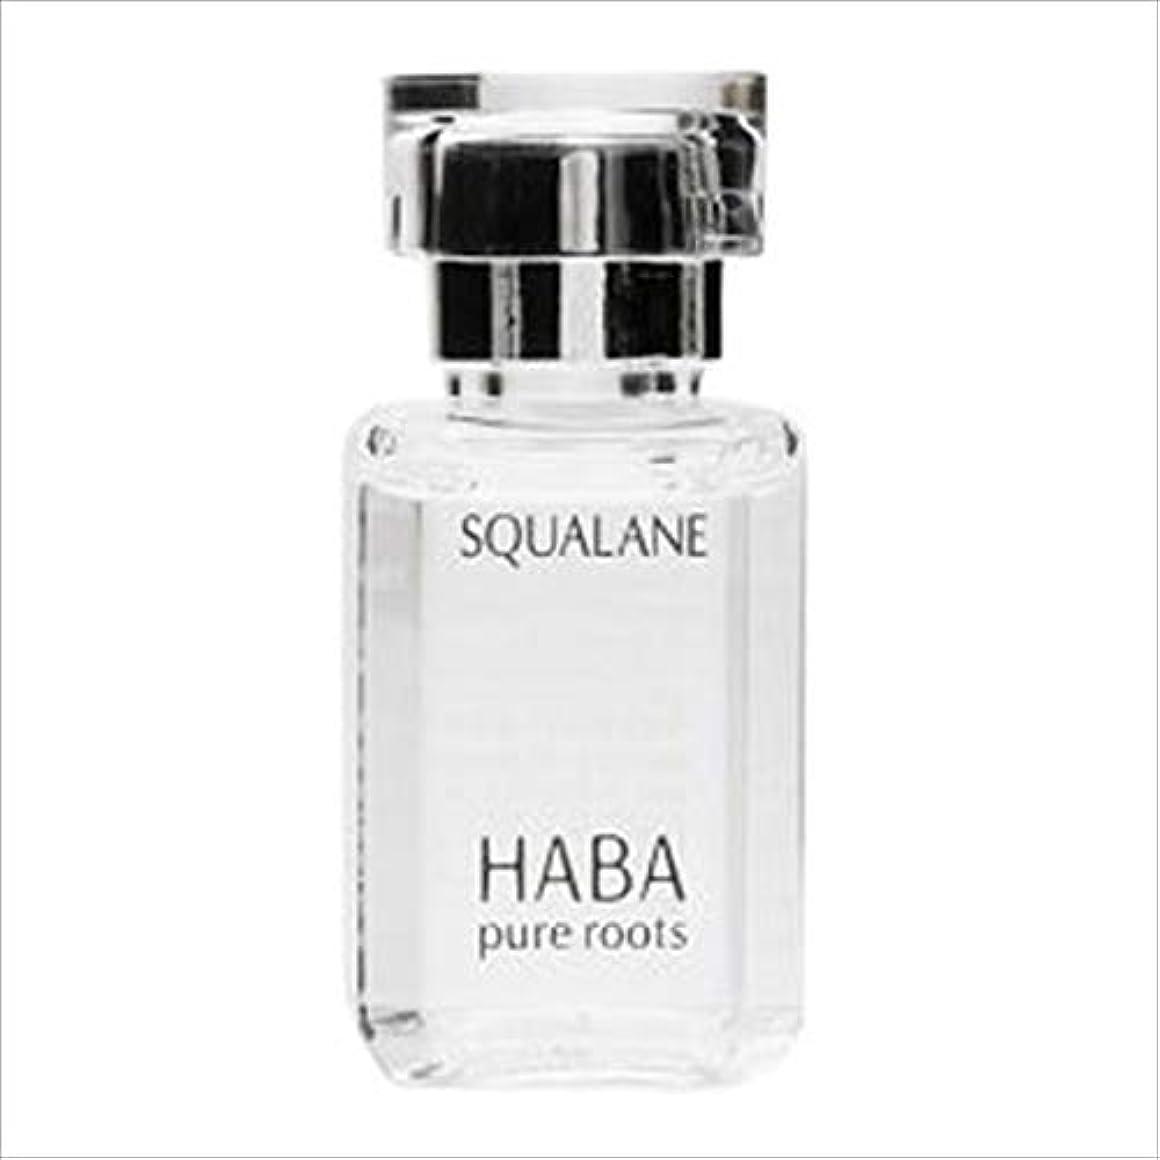 小さなスキップ原子HABA(ハーバー) スクワラン(化粧オイル) 15ml